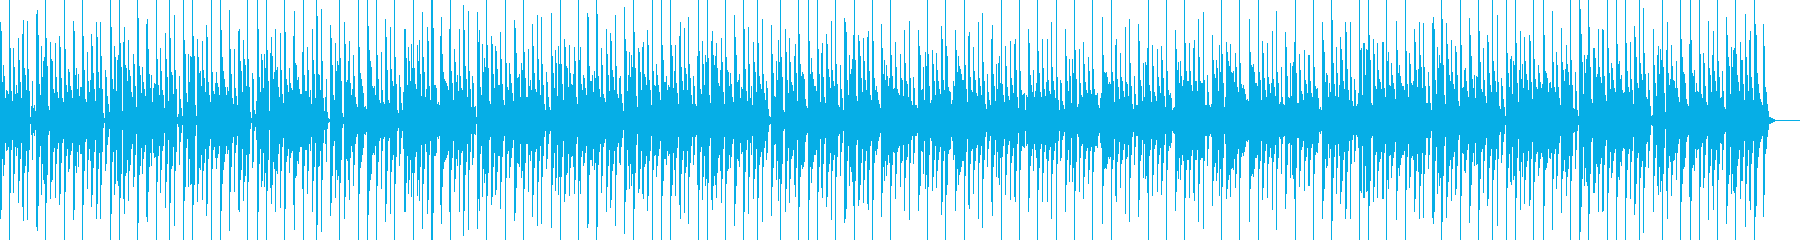 クラビネットとカリカリなギターリフ...の再生済みの波形